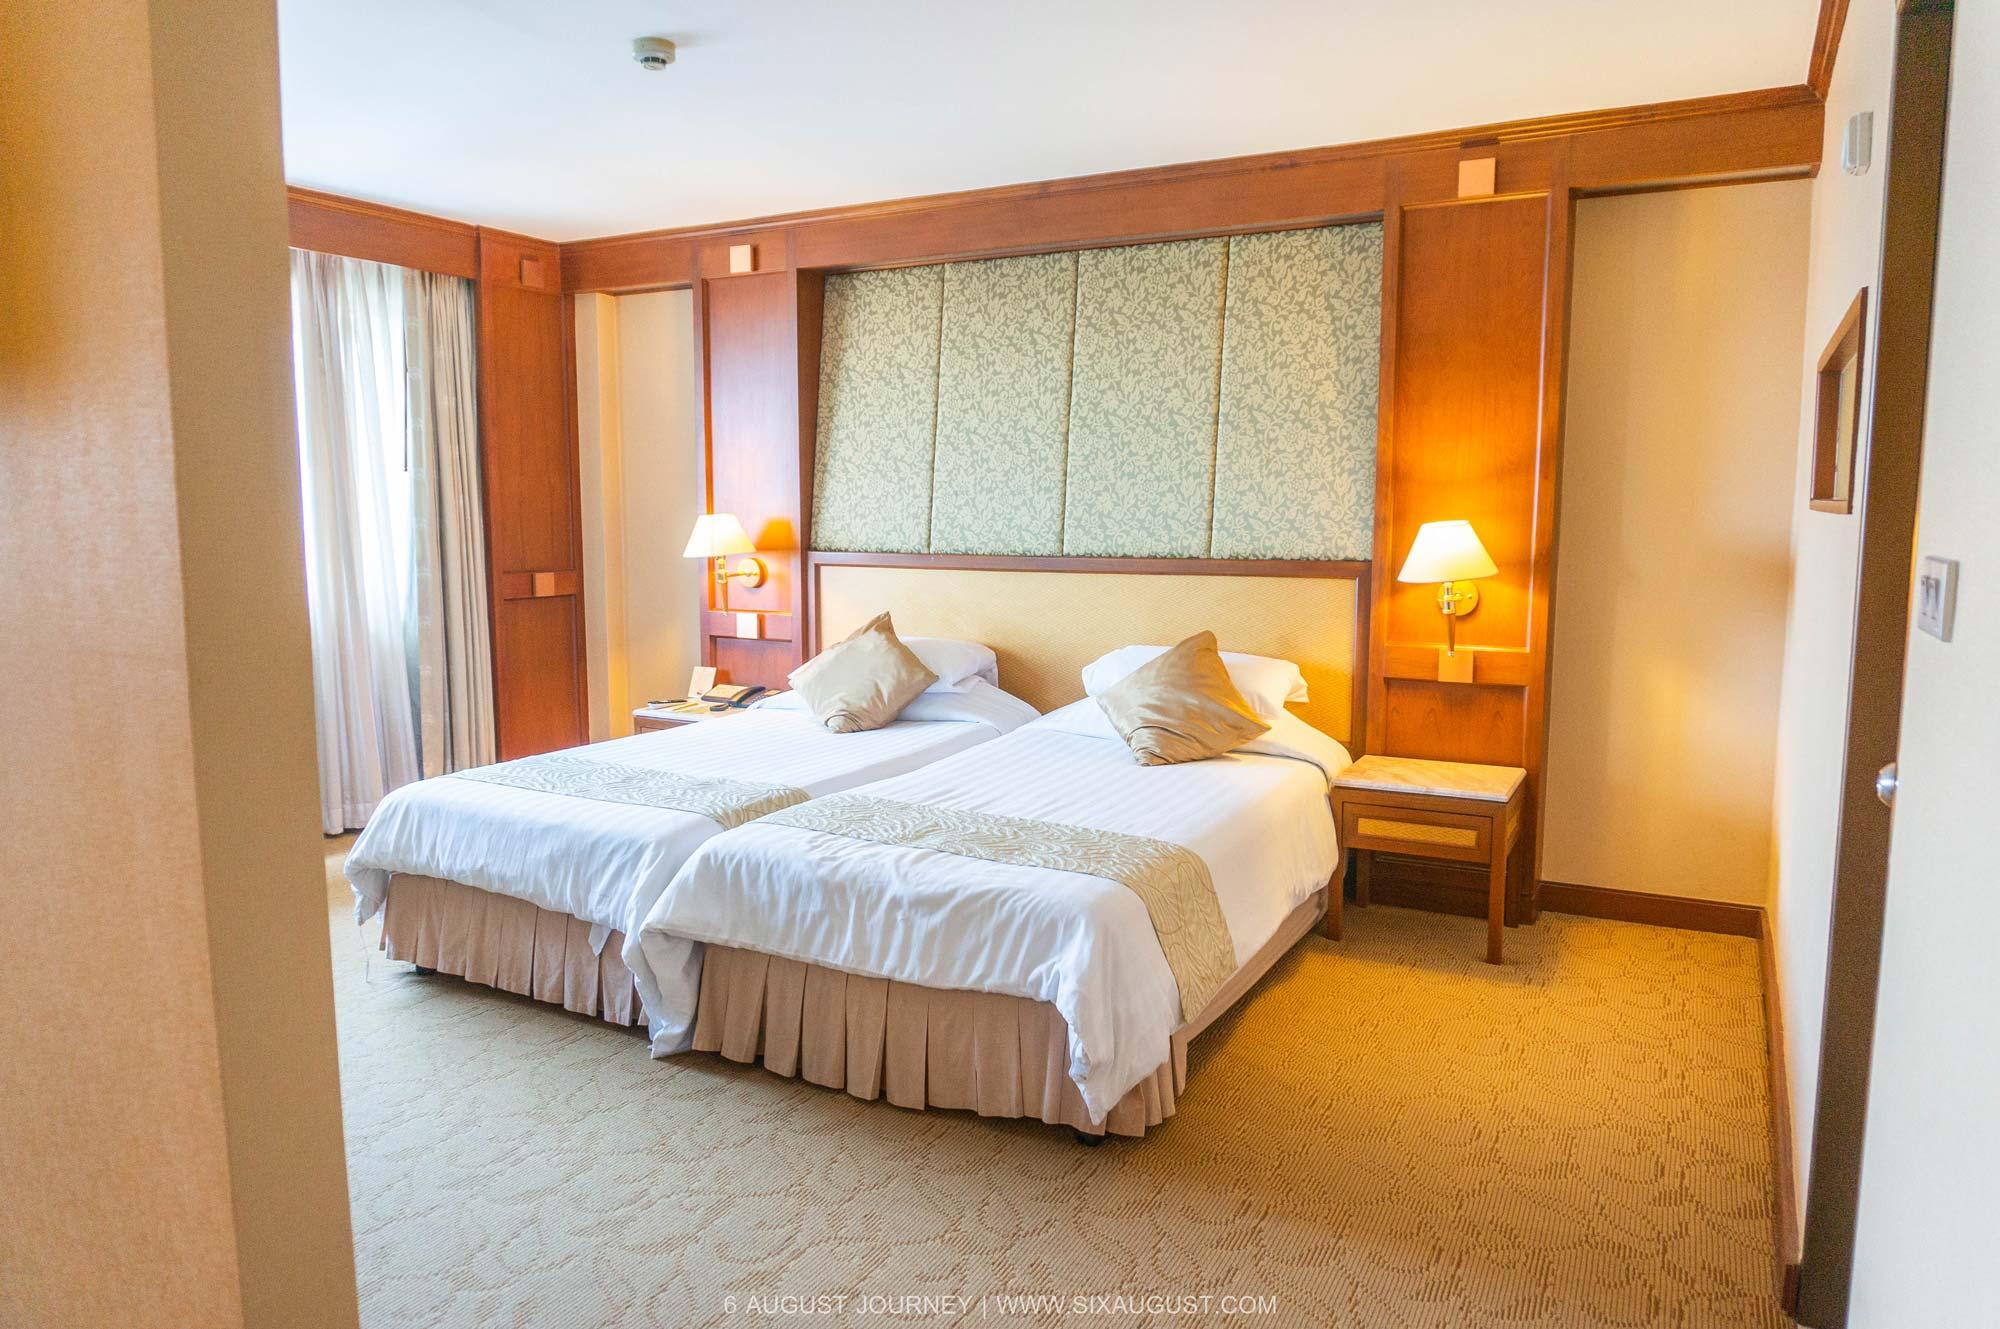 ห้องนอน โรงแรมเอเชีย รีวิว